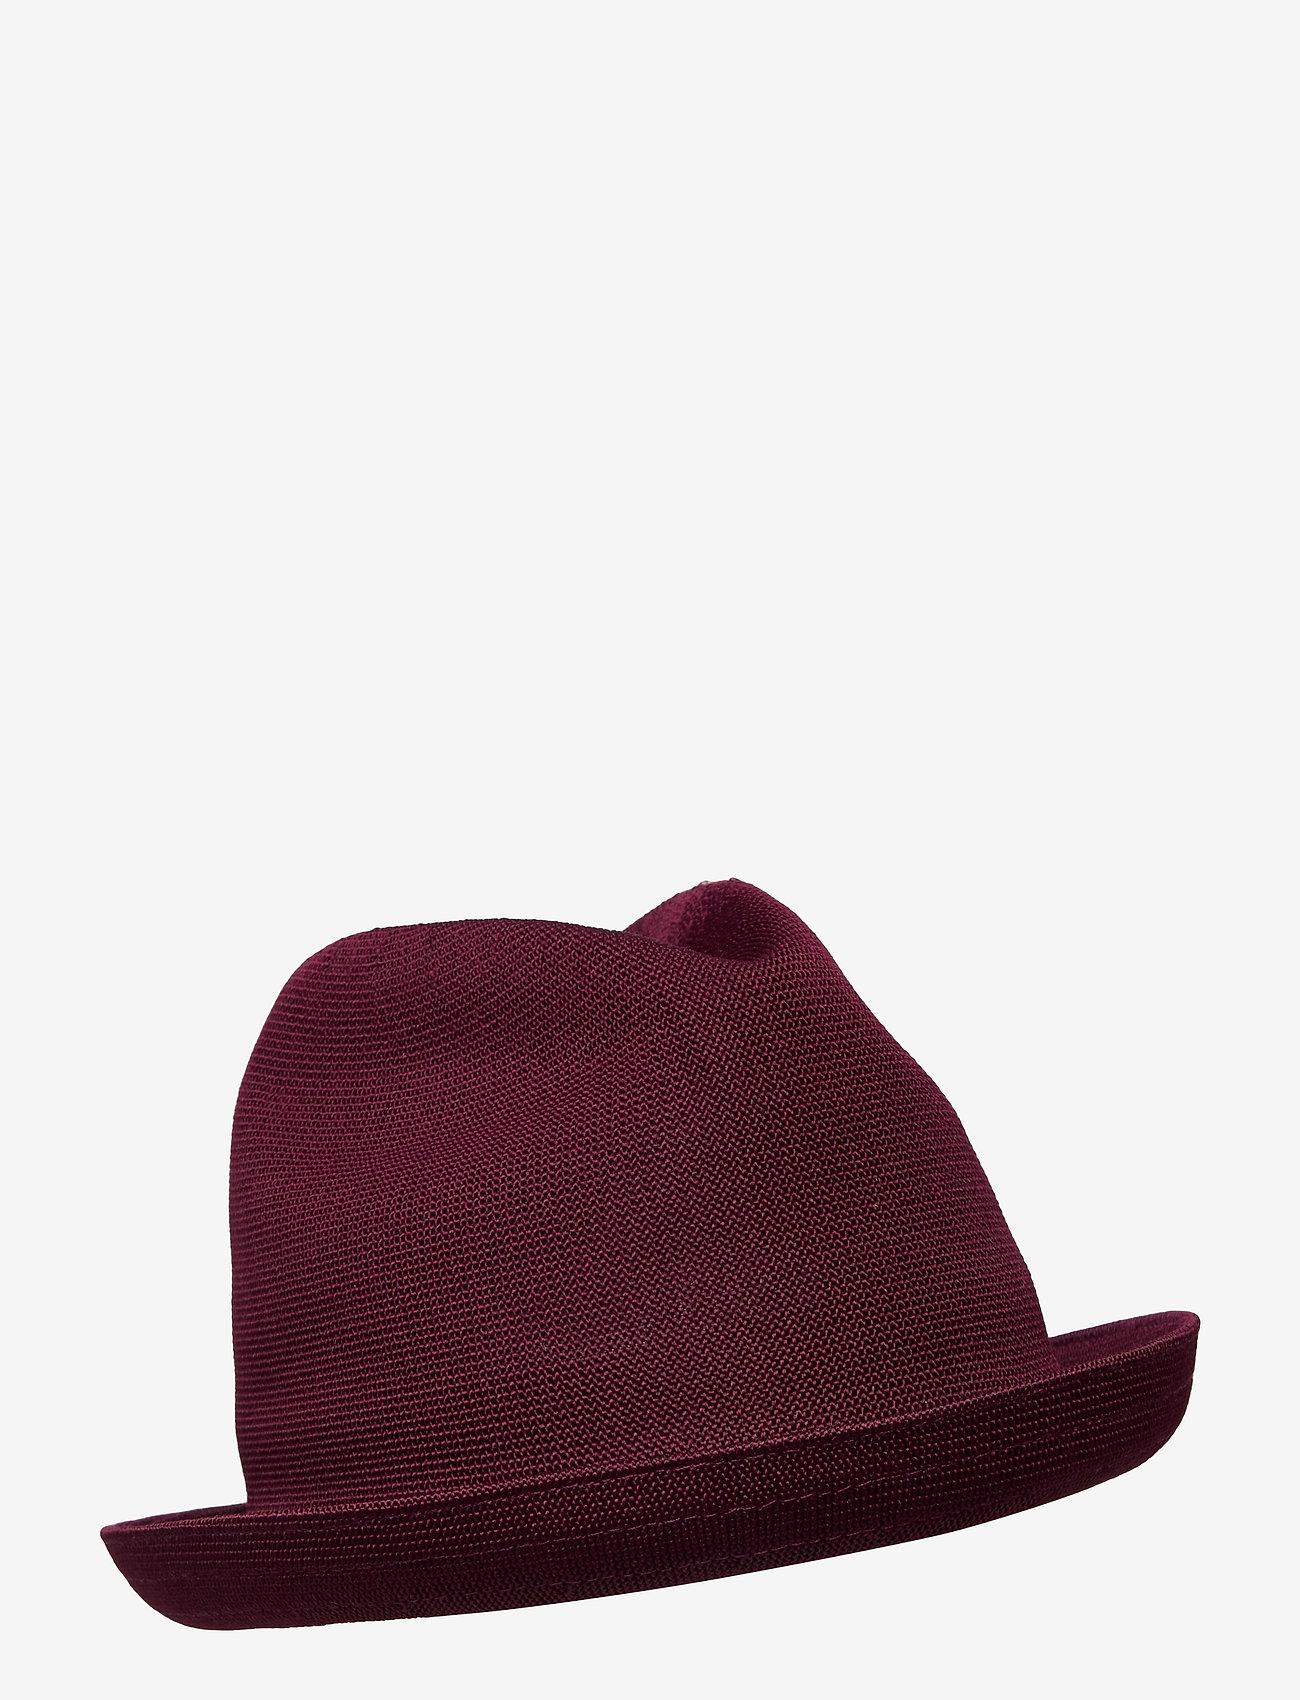 Kangol - KG TROPIC PLAYER - chapeaux - burgundy - 0